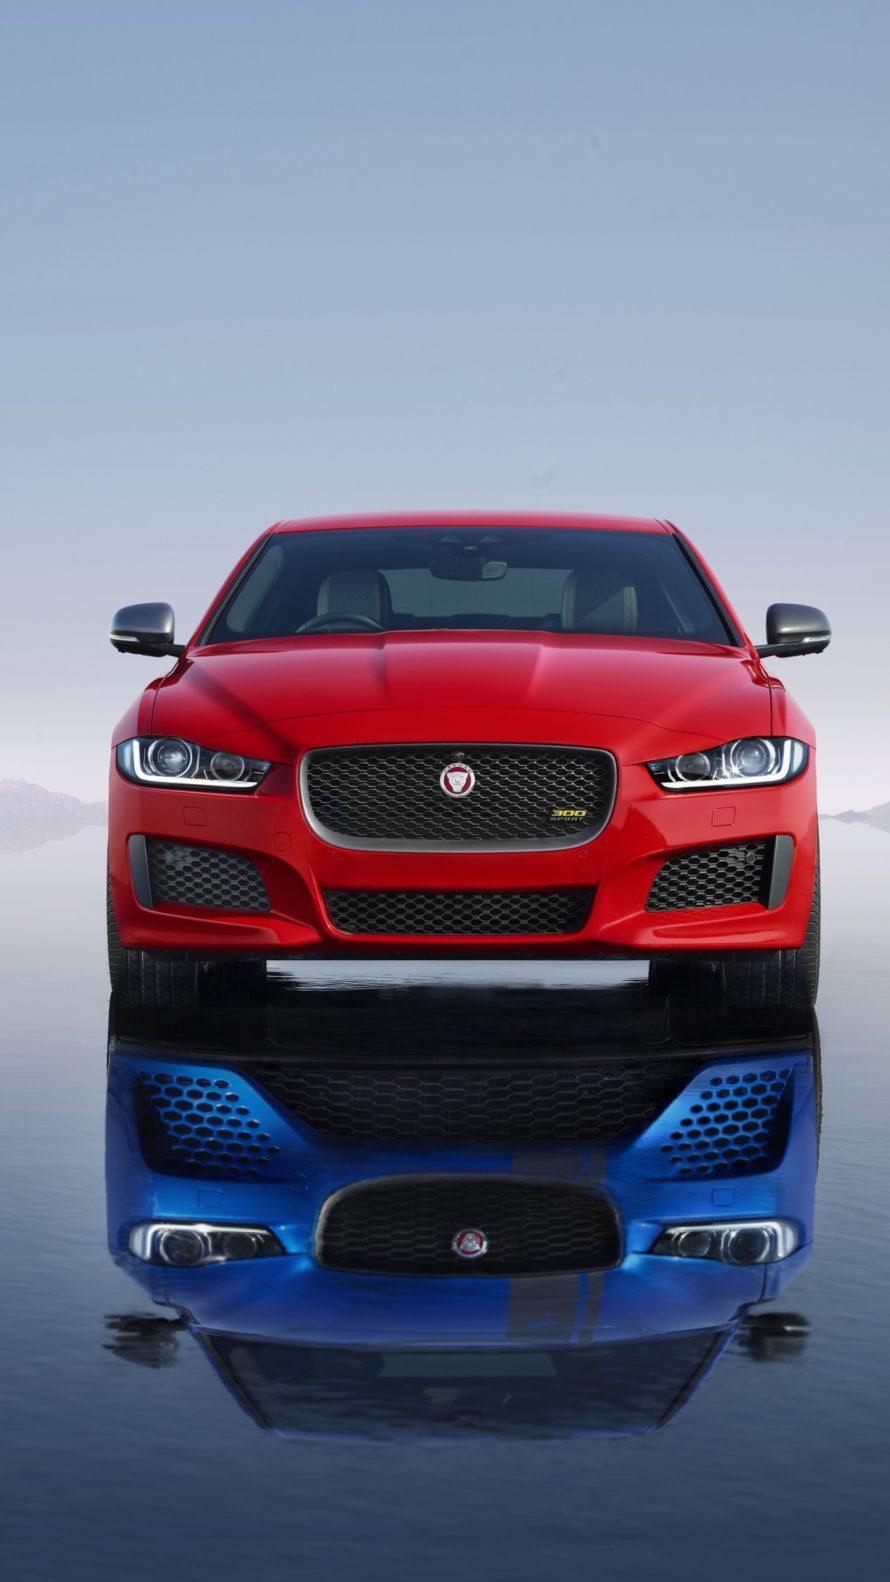 Jaguar Car Wallpaper Mobile Hd Car Wallpapers For Mobile 890x1582 Download Hd Wallpaper Wallpapertip